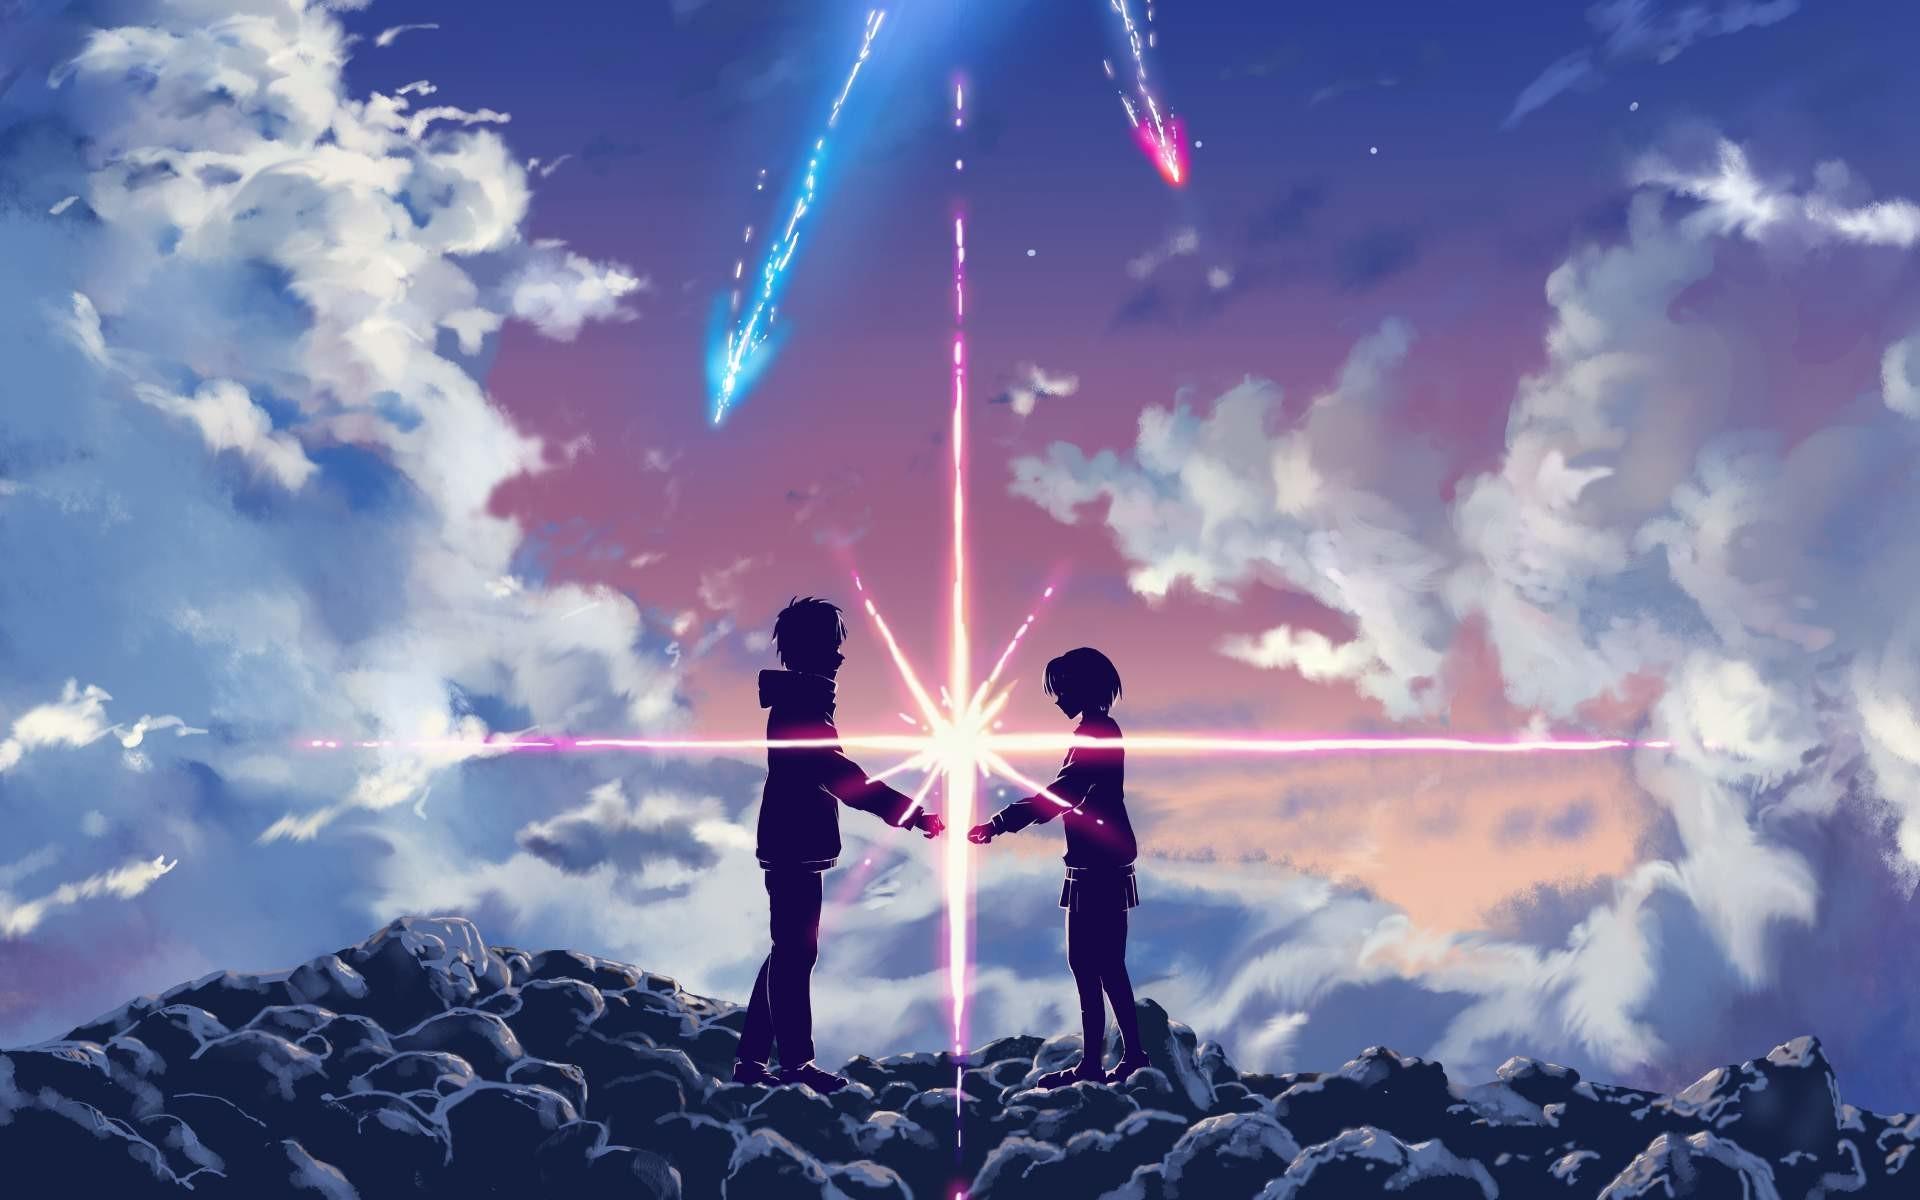 Hình nền đôi Anime đẹp